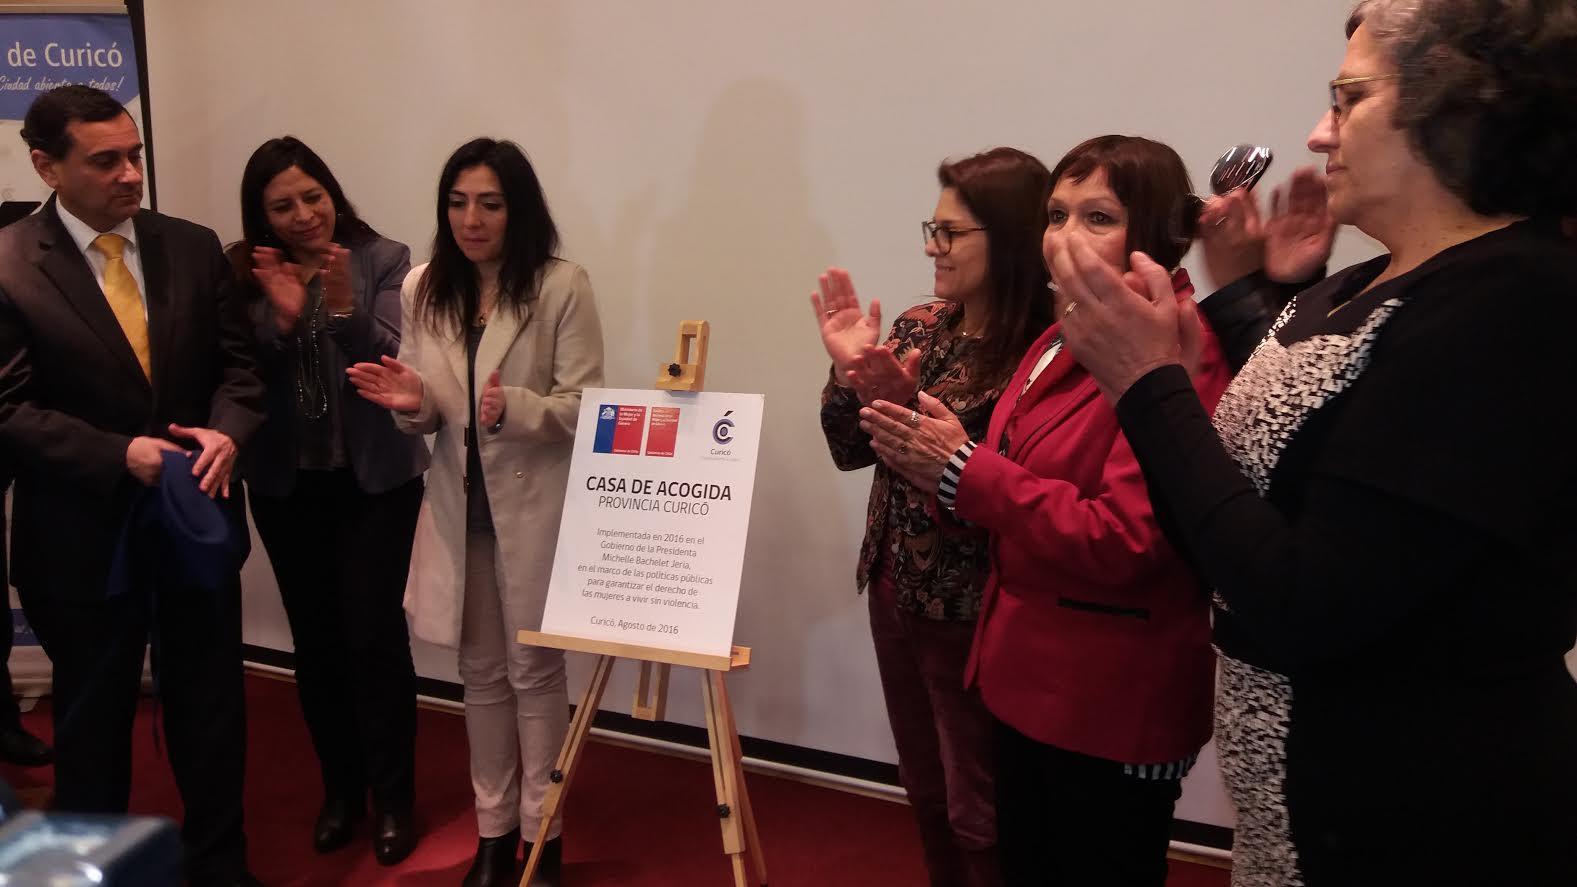 En Curicó inauguran nueva Casa de Acogida para mujeres que viven violencia extrema